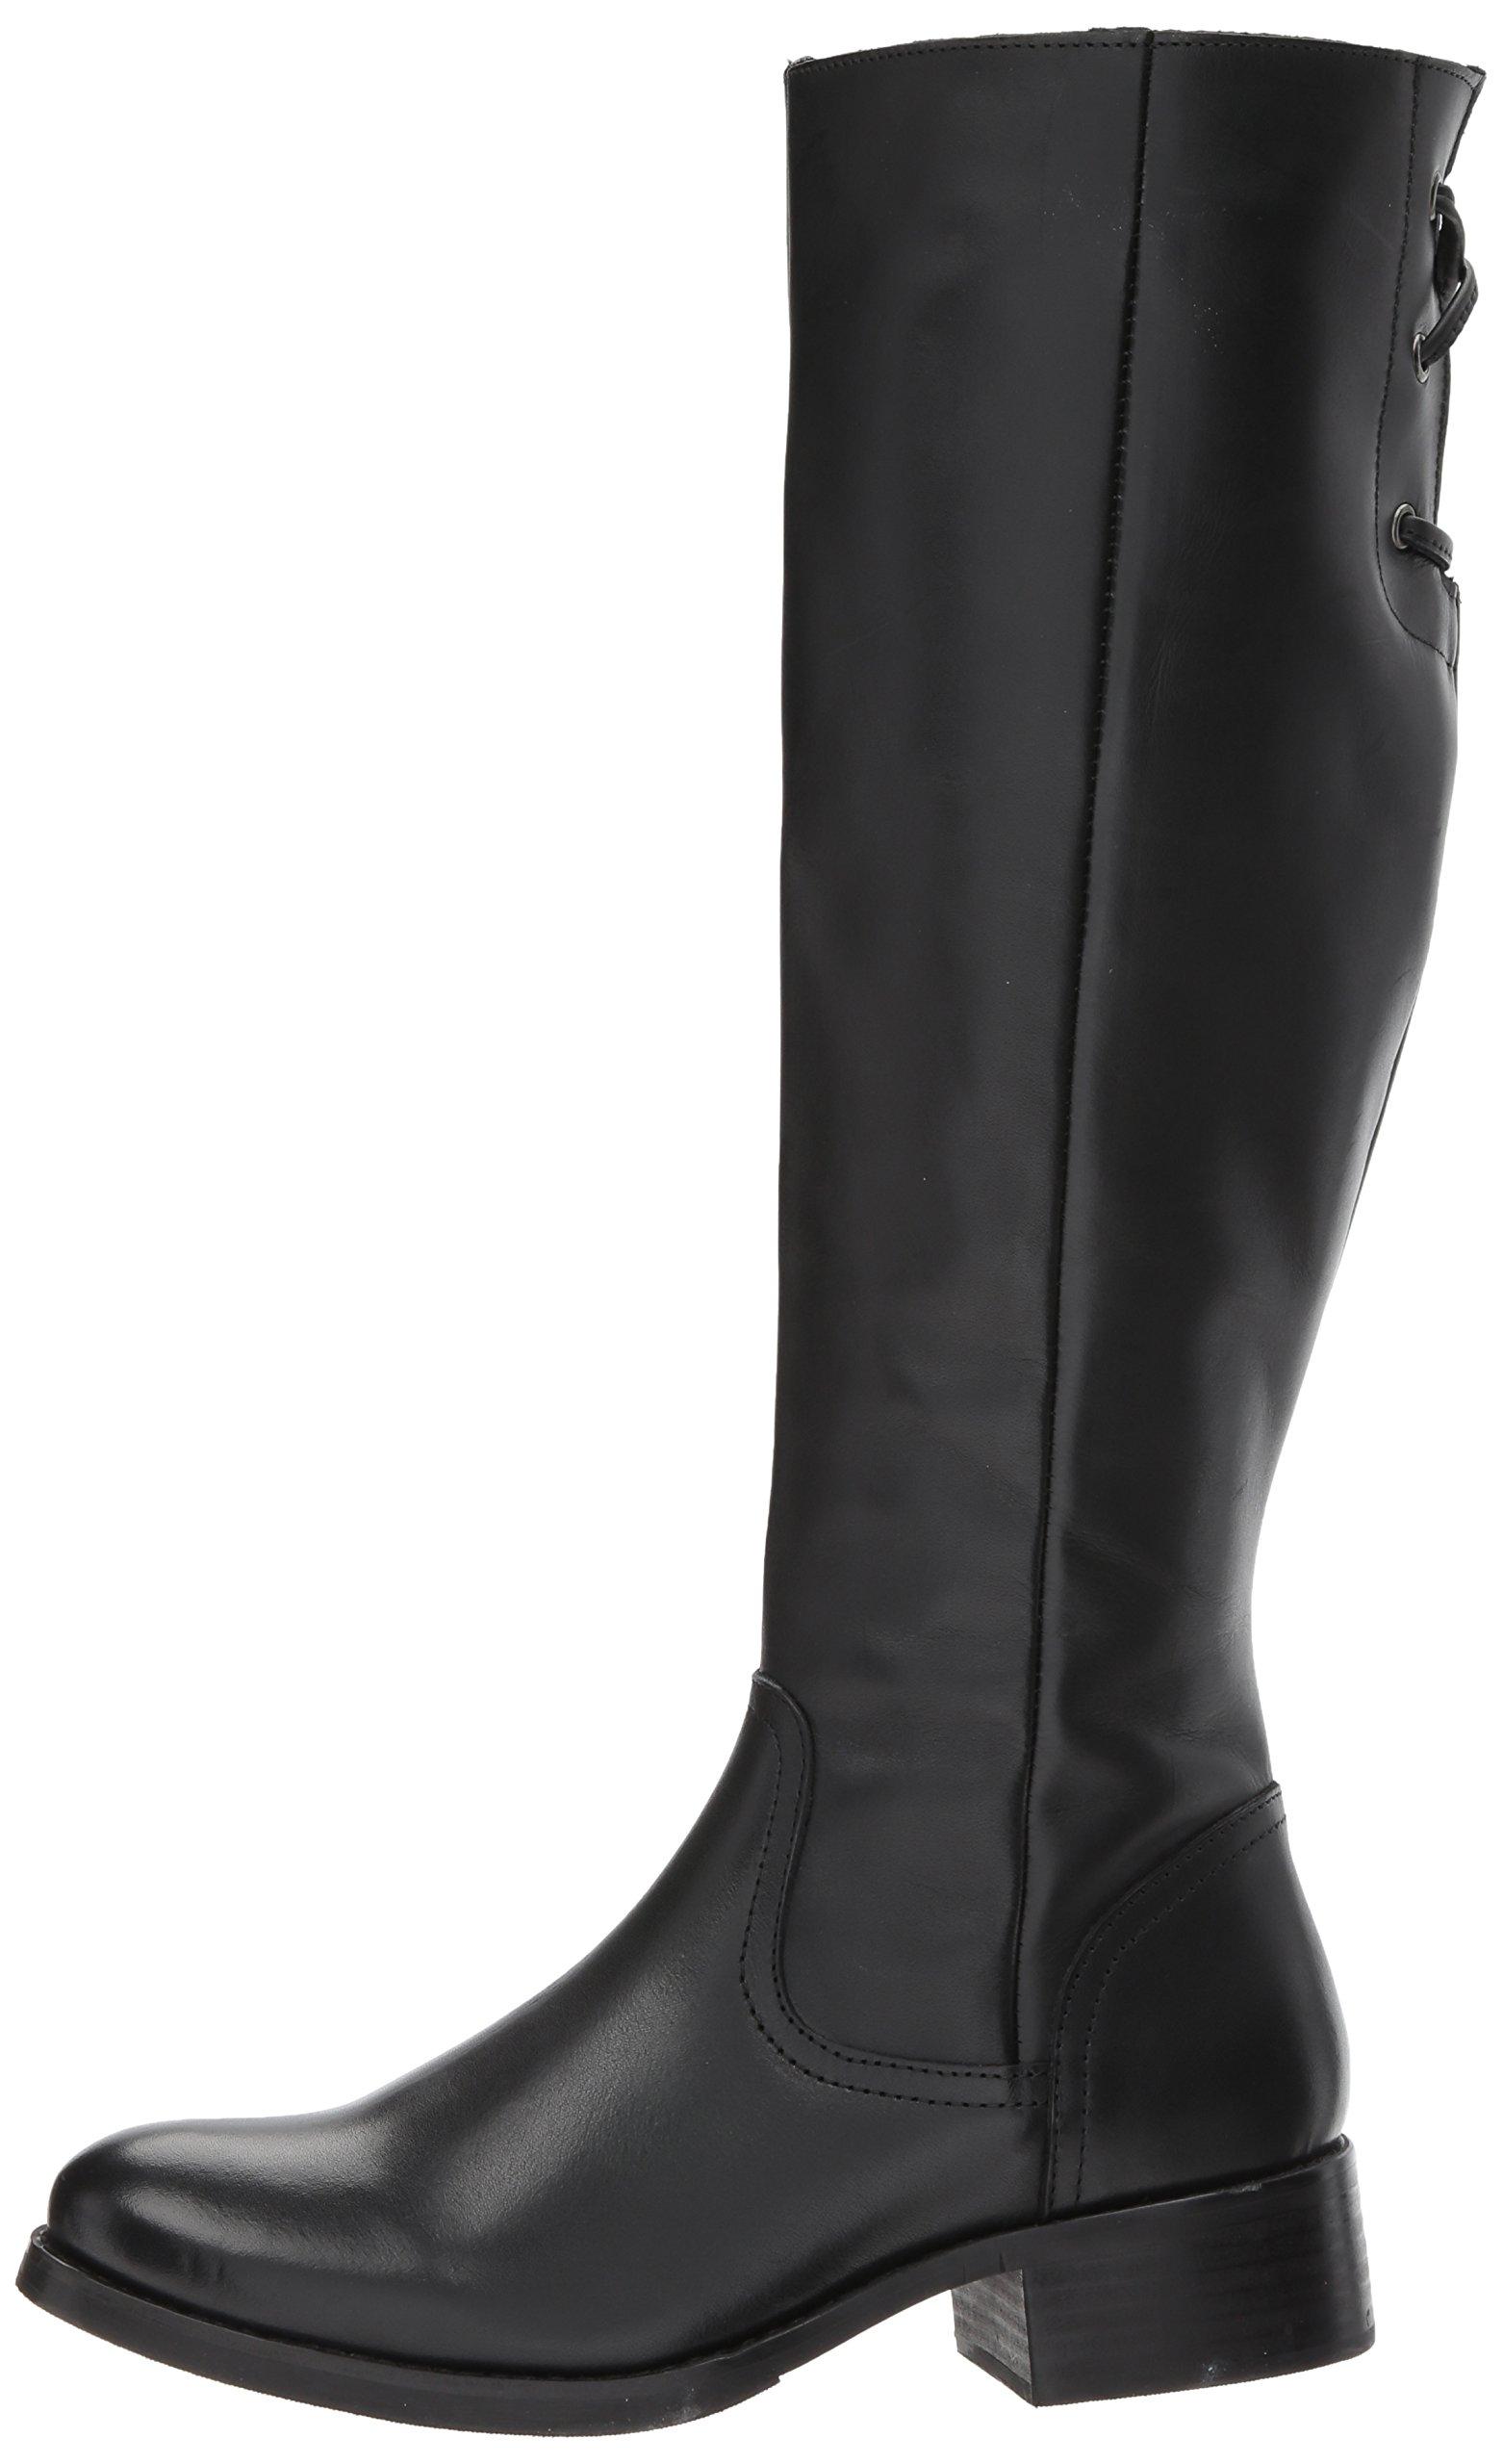 Steve Madden Women's Lover Western Boot, Black Leather, 8.5 M US by Steve Madden (Image #5)